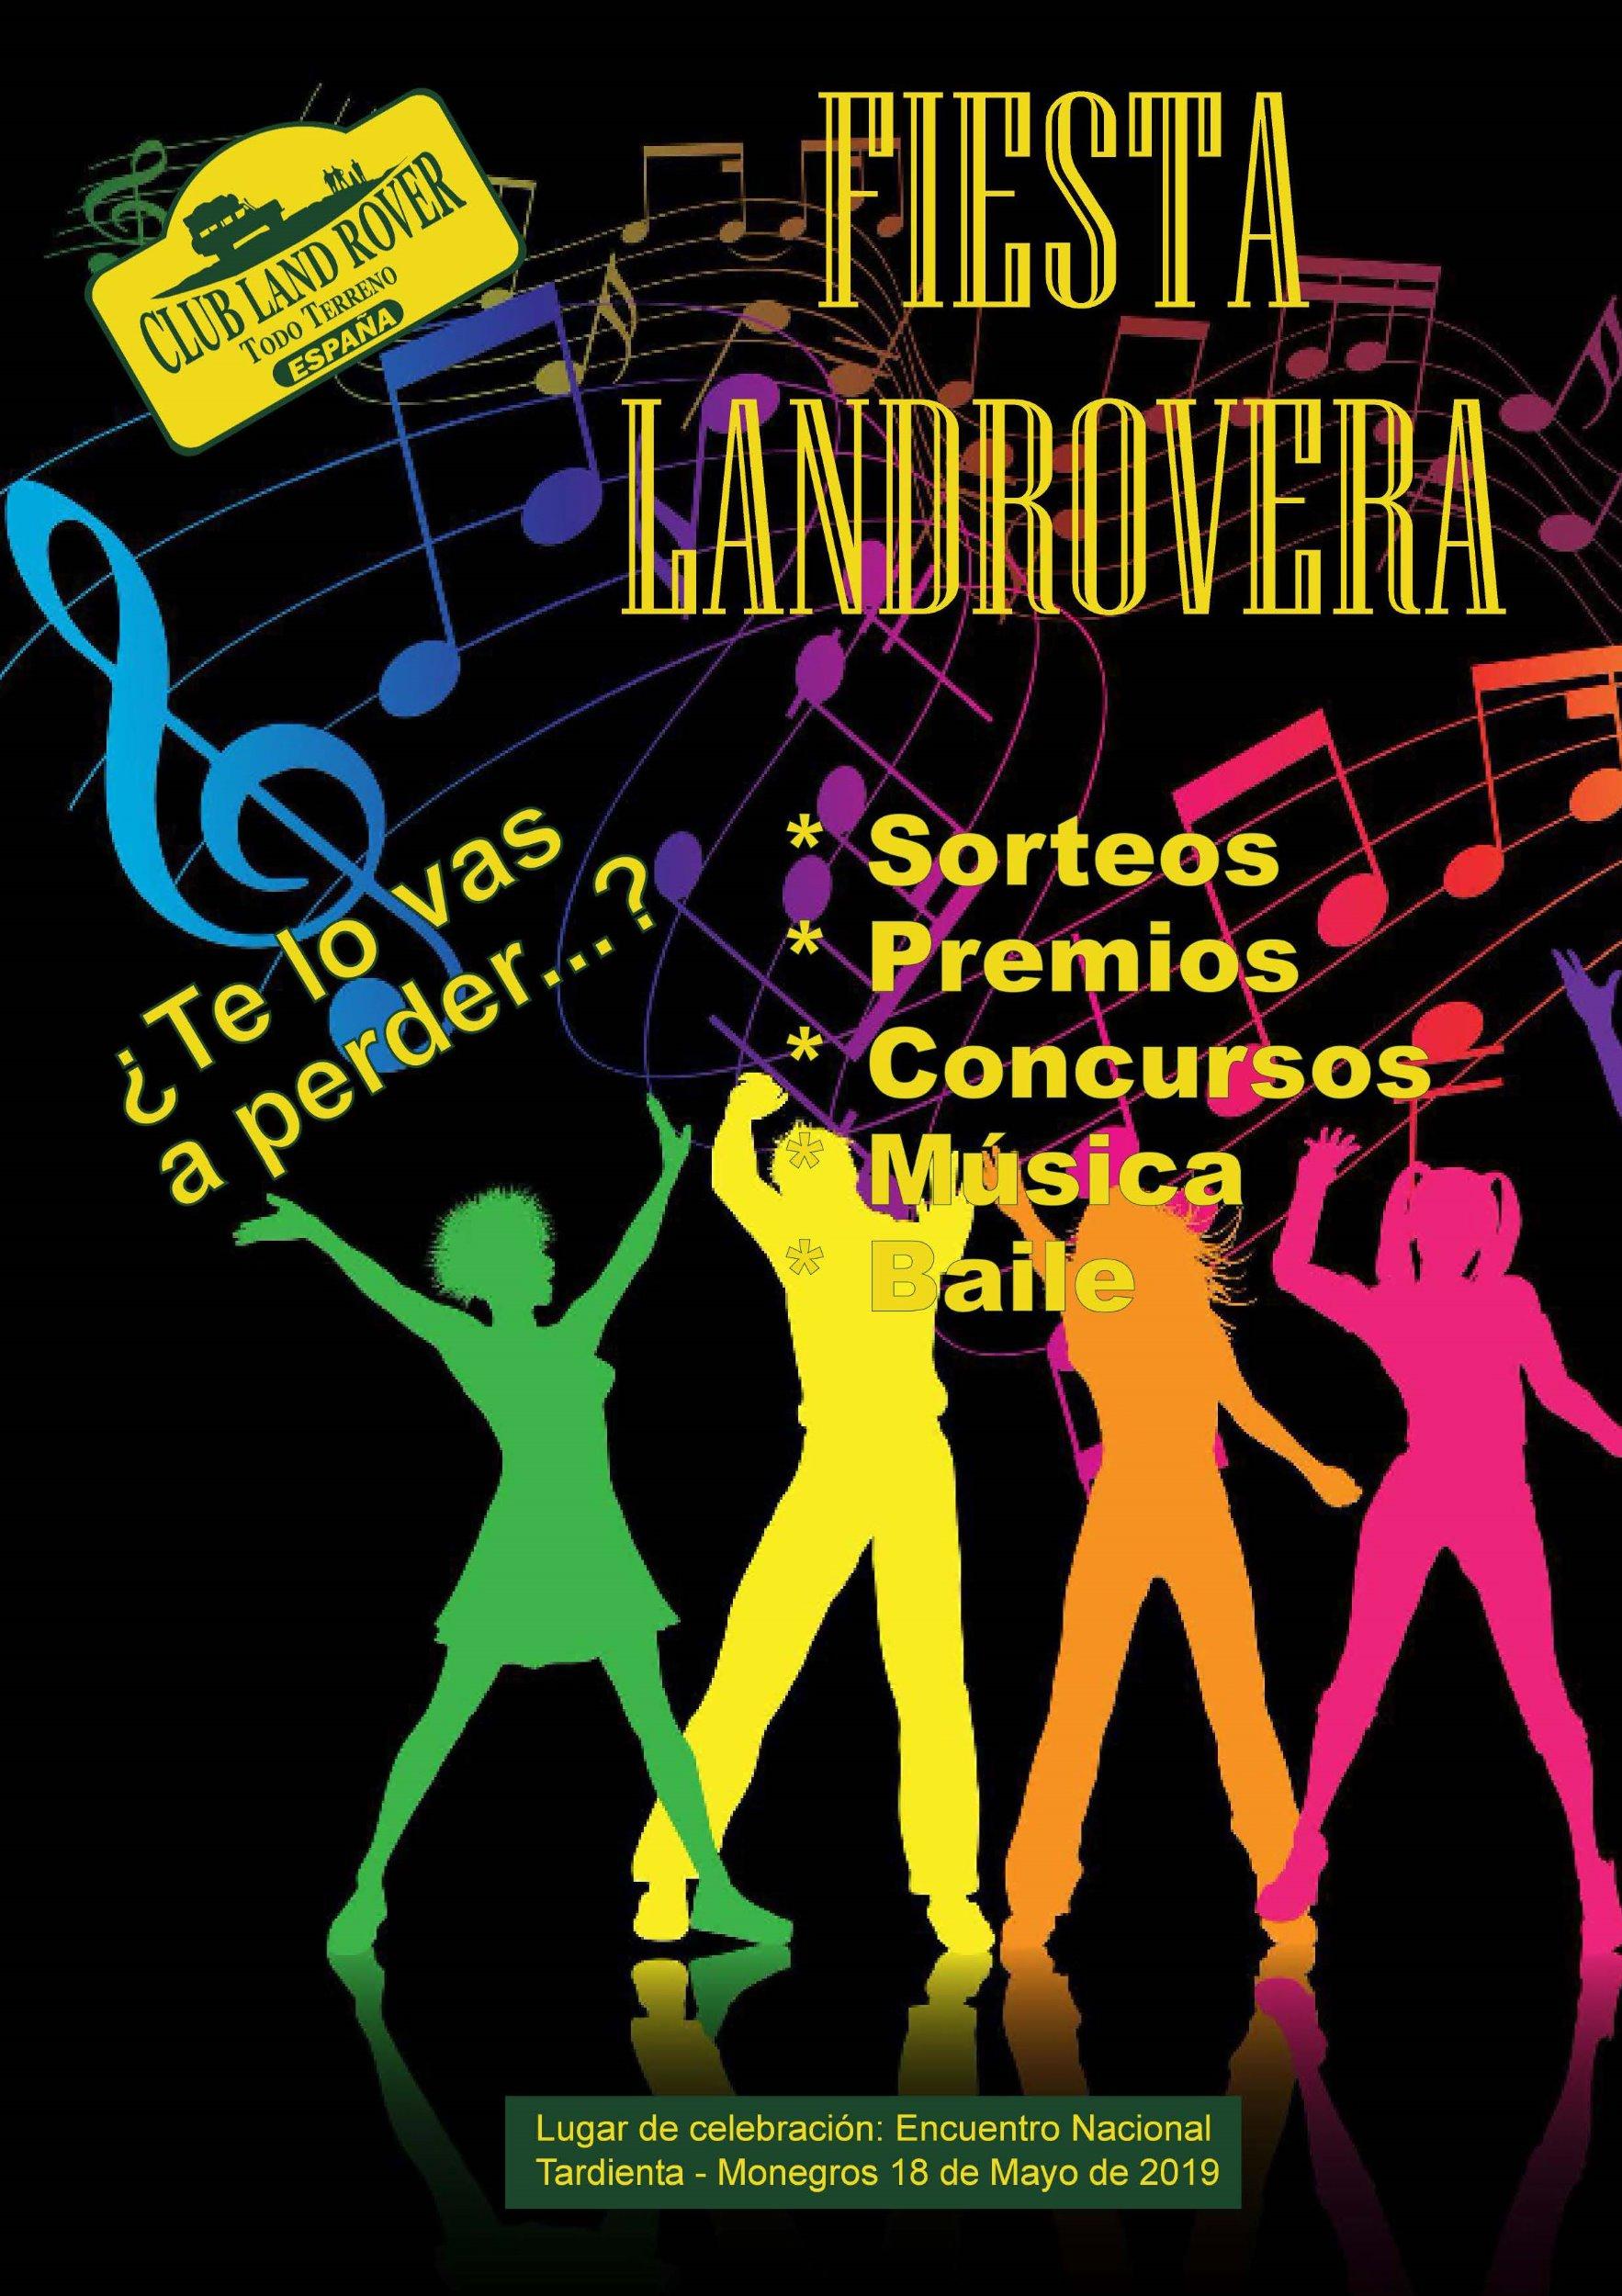 14_FiestaLandrovera.jpg